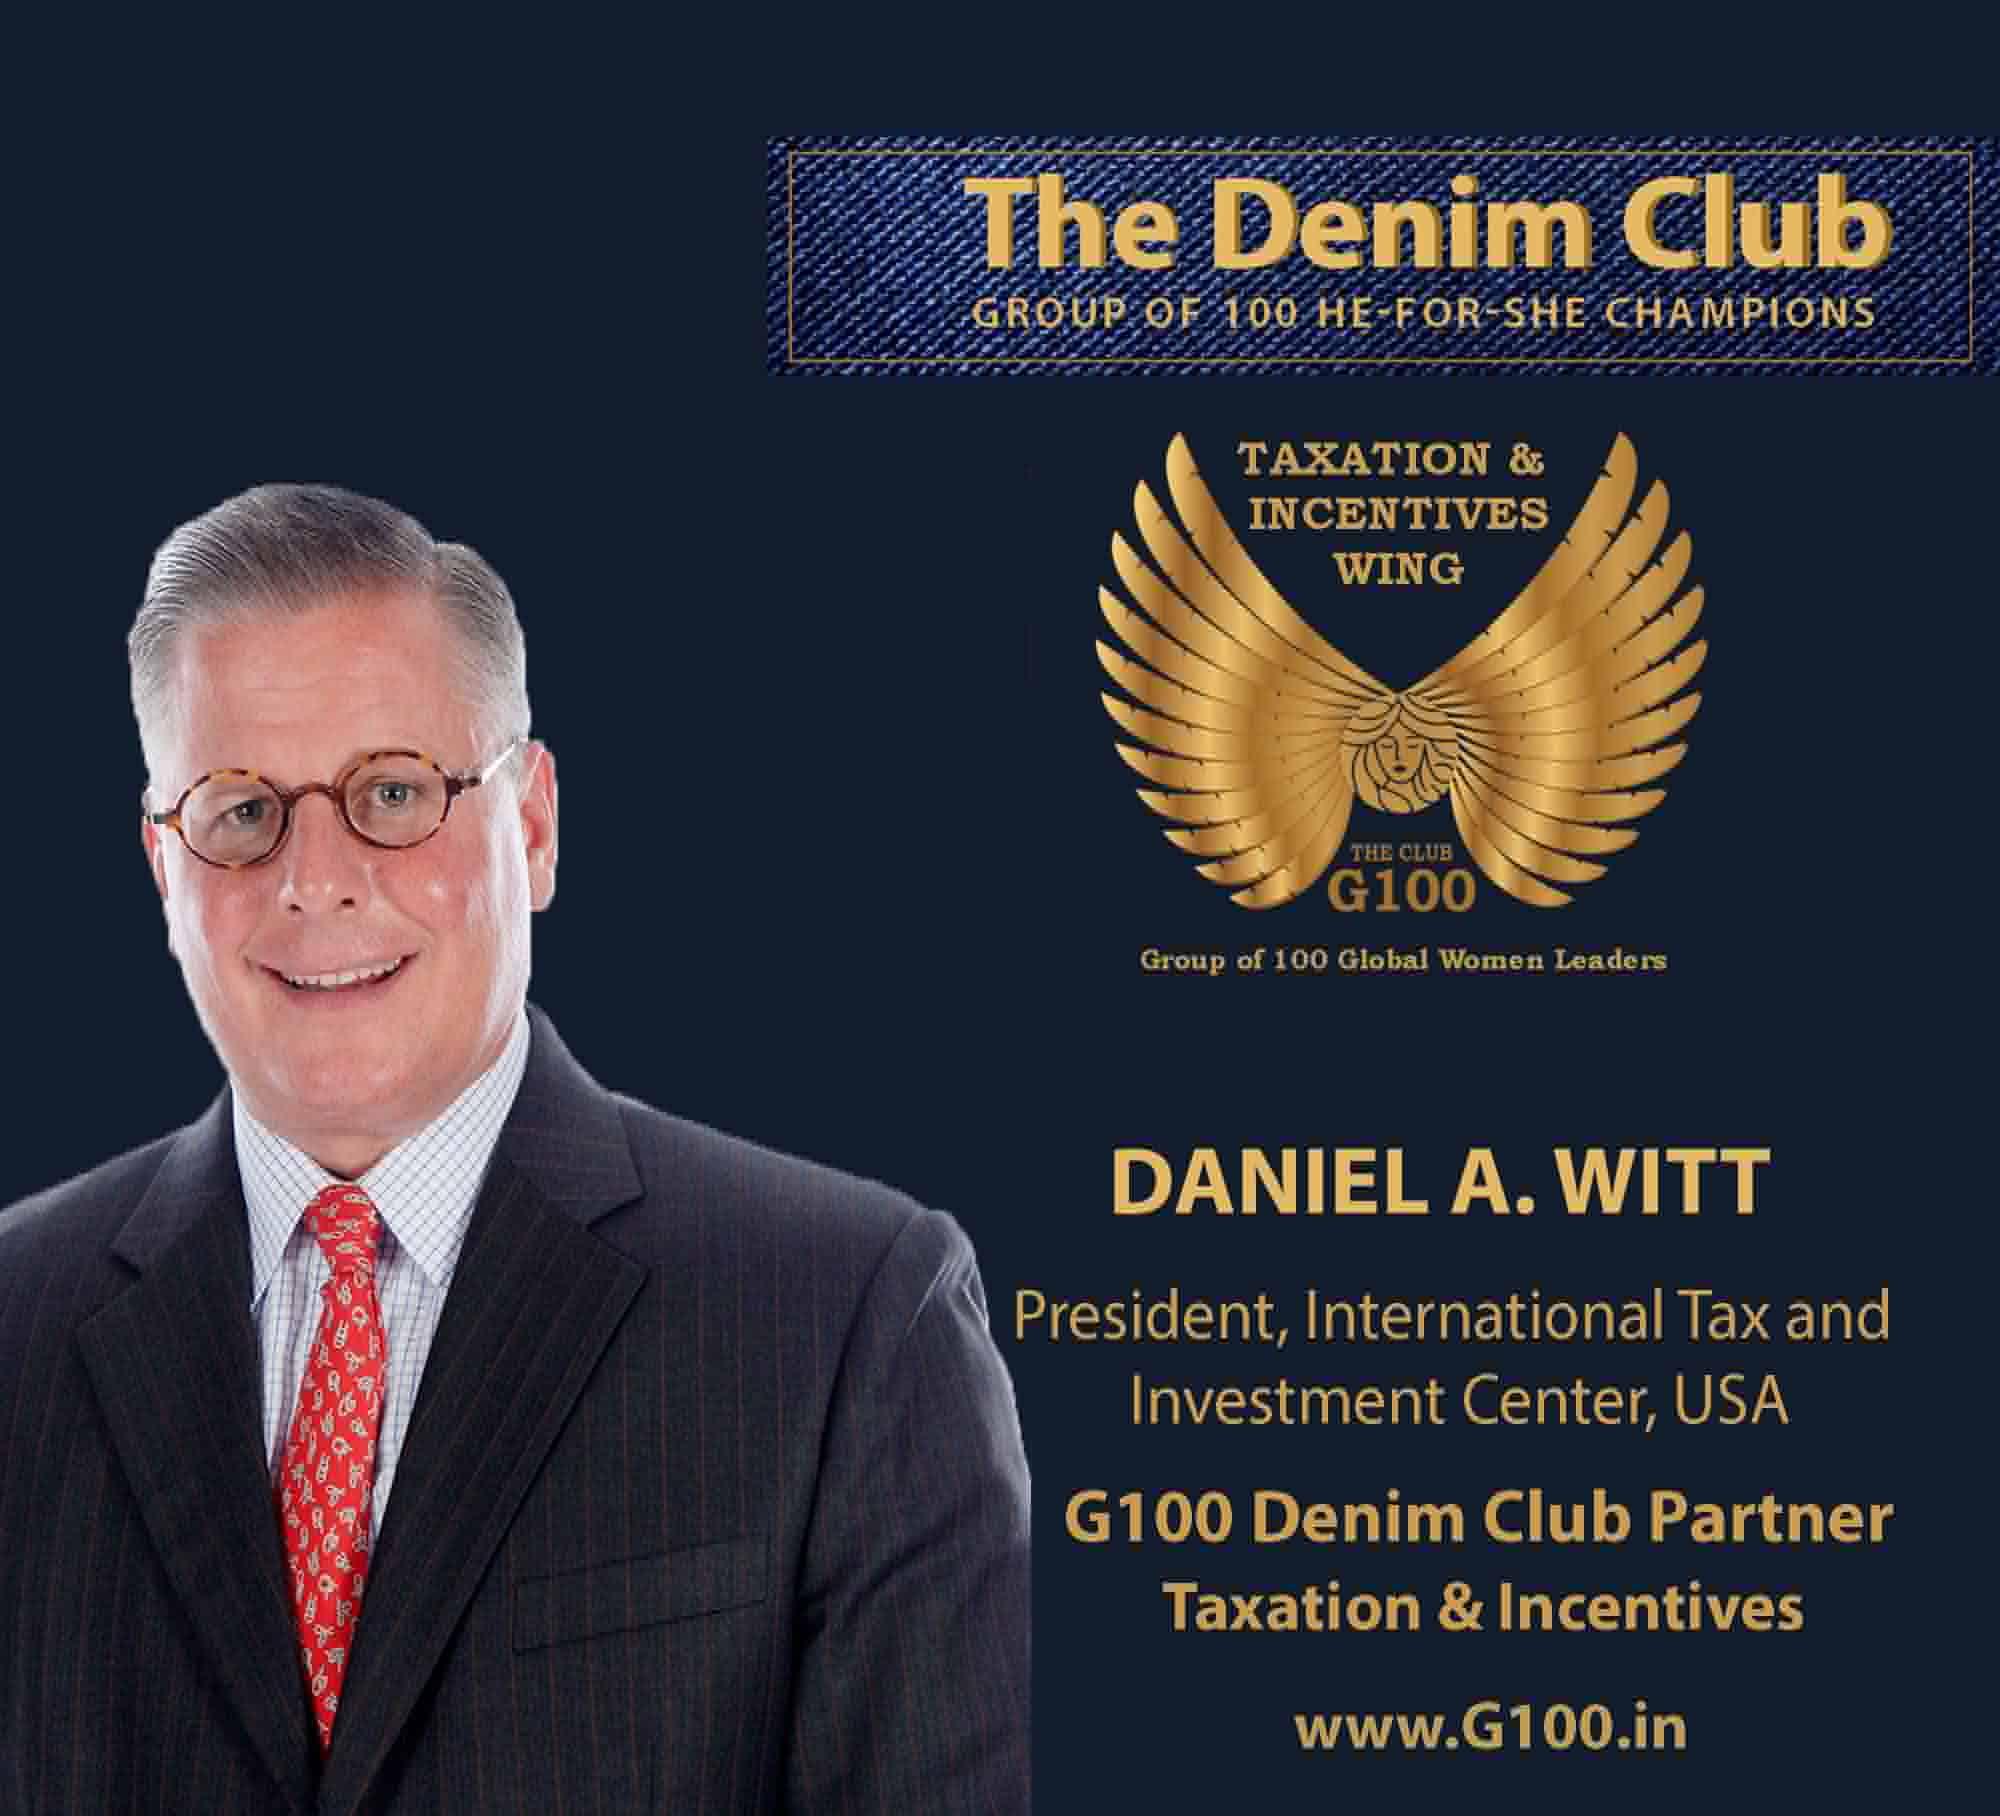 Daniel A. Witt